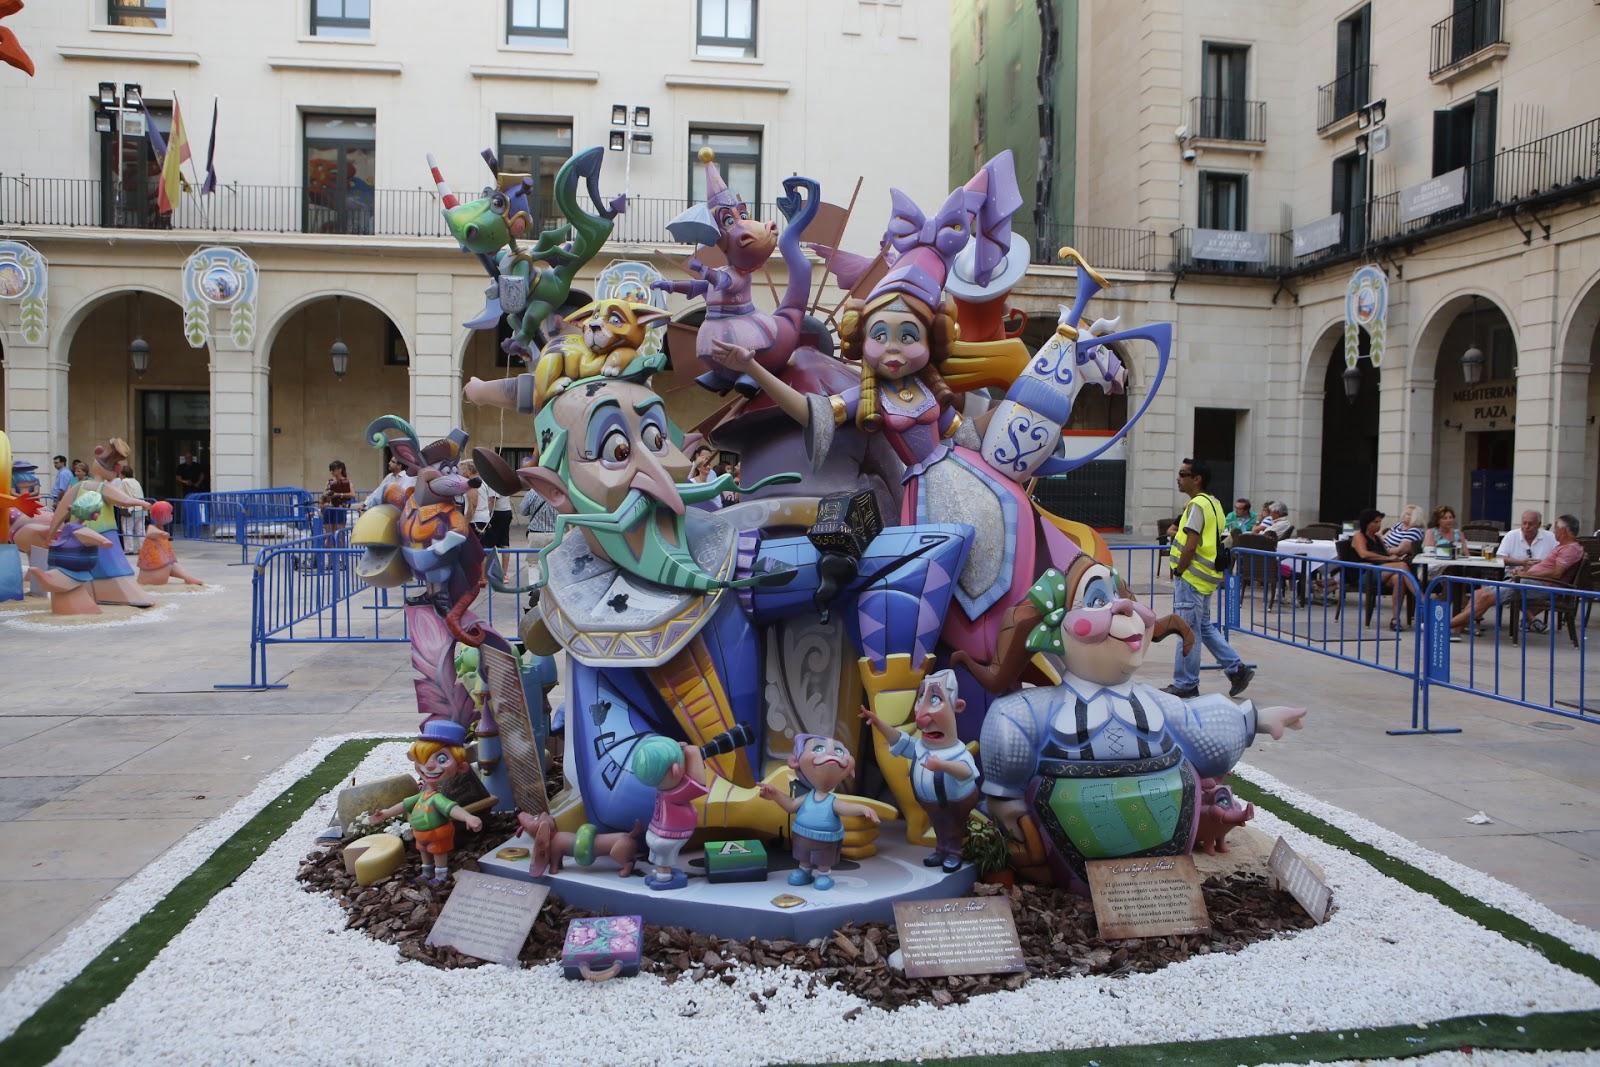 ¿Qué hacer en las Hogueras 2019 de Alicante? Compartimos el programa de actos